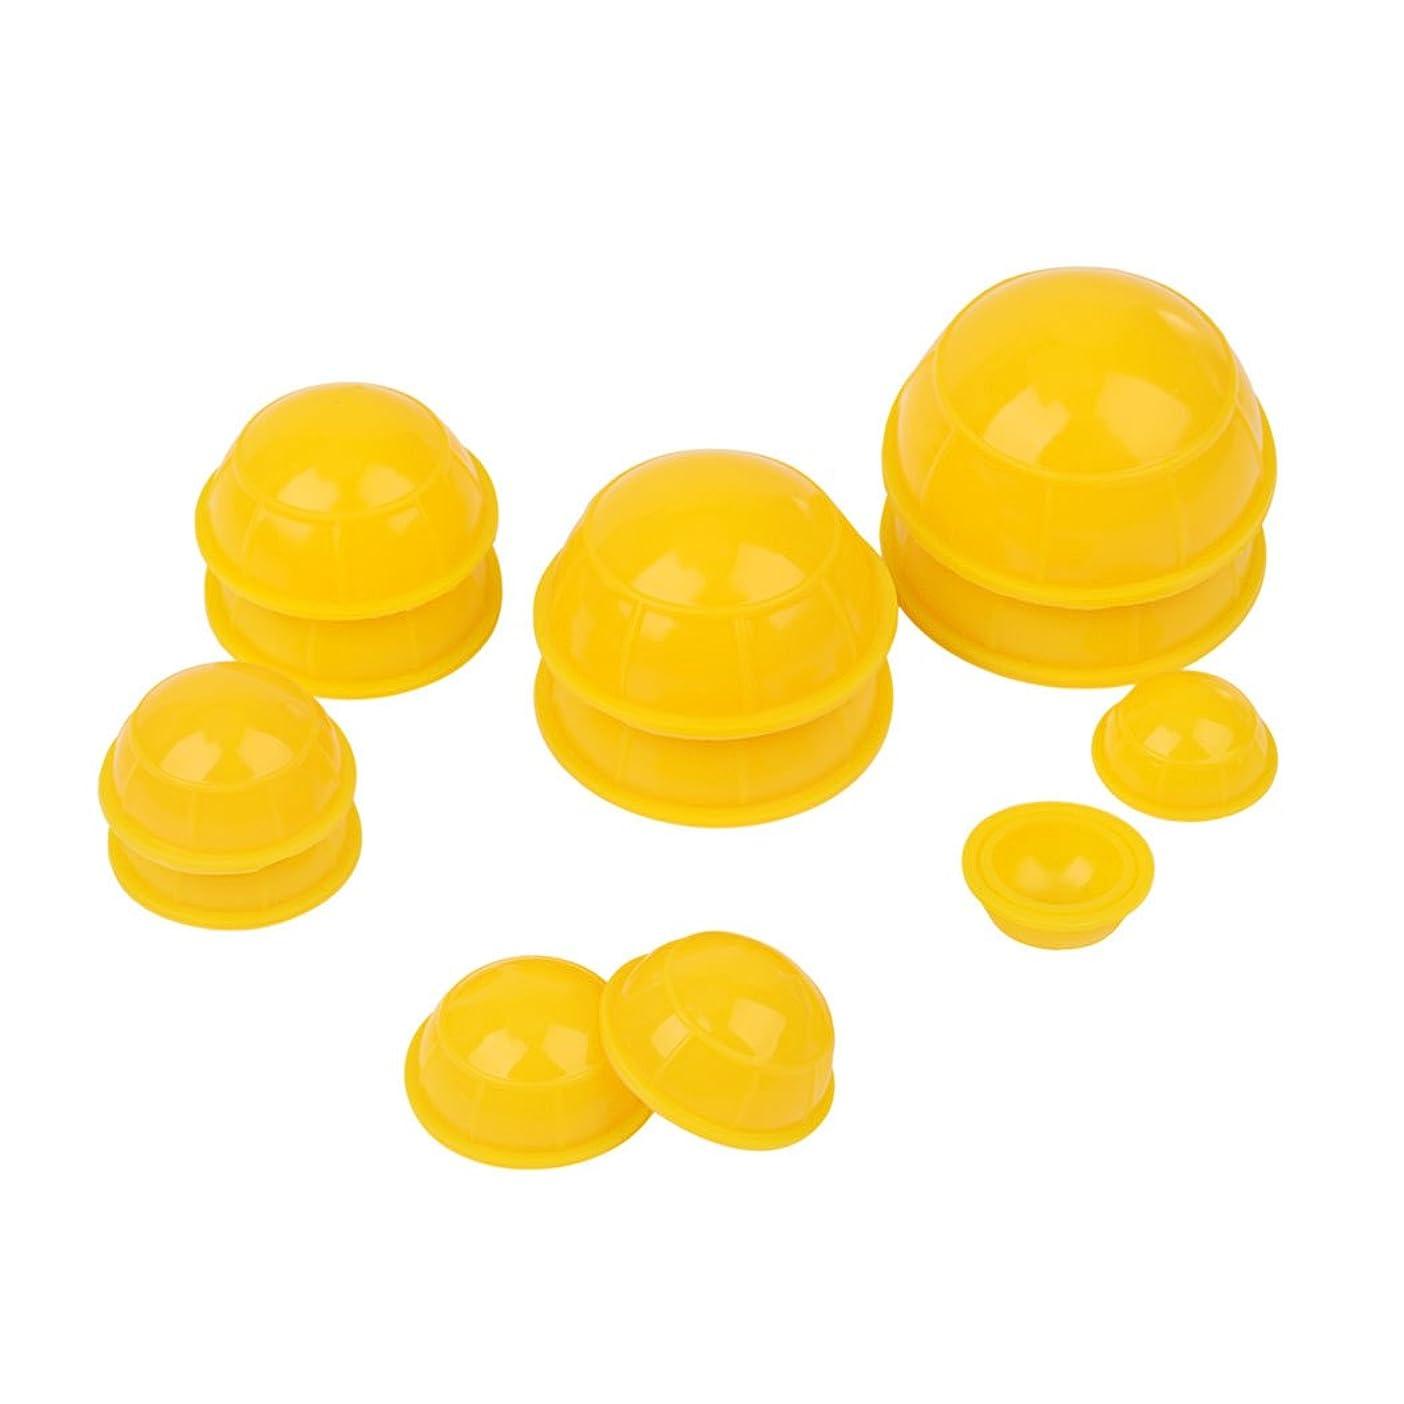 ファブリック反抗推定する(inkint)マッサージ吸い玉 カッピングカップ 12個セット シリコン製 吸い玉 (イエロー)